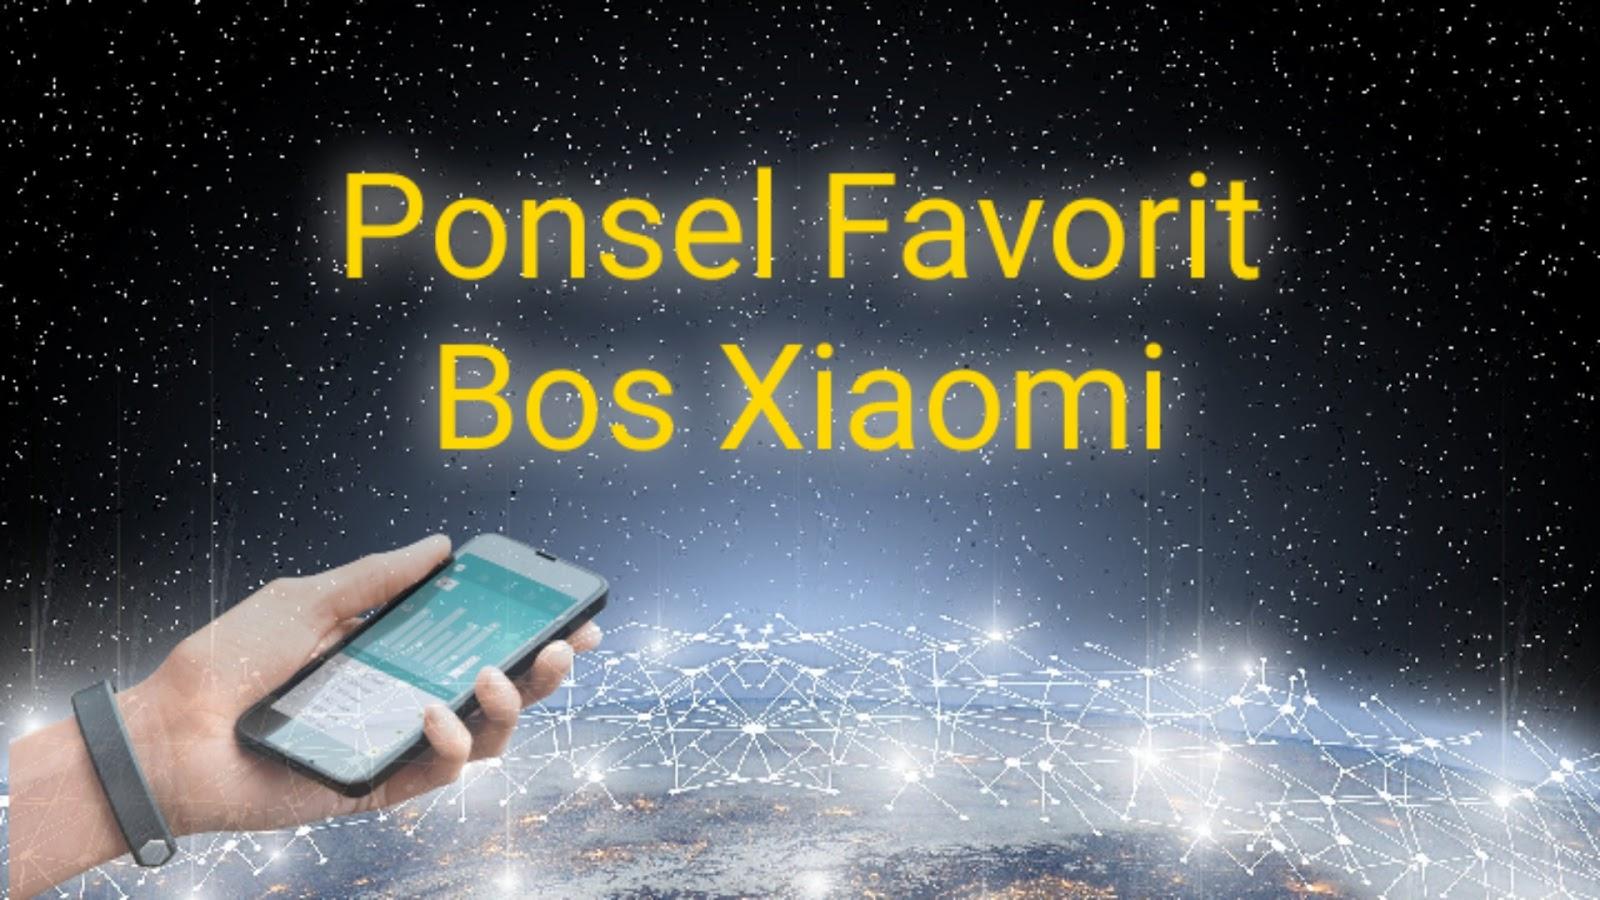 Ponsel Favorit Bos Xiaomi